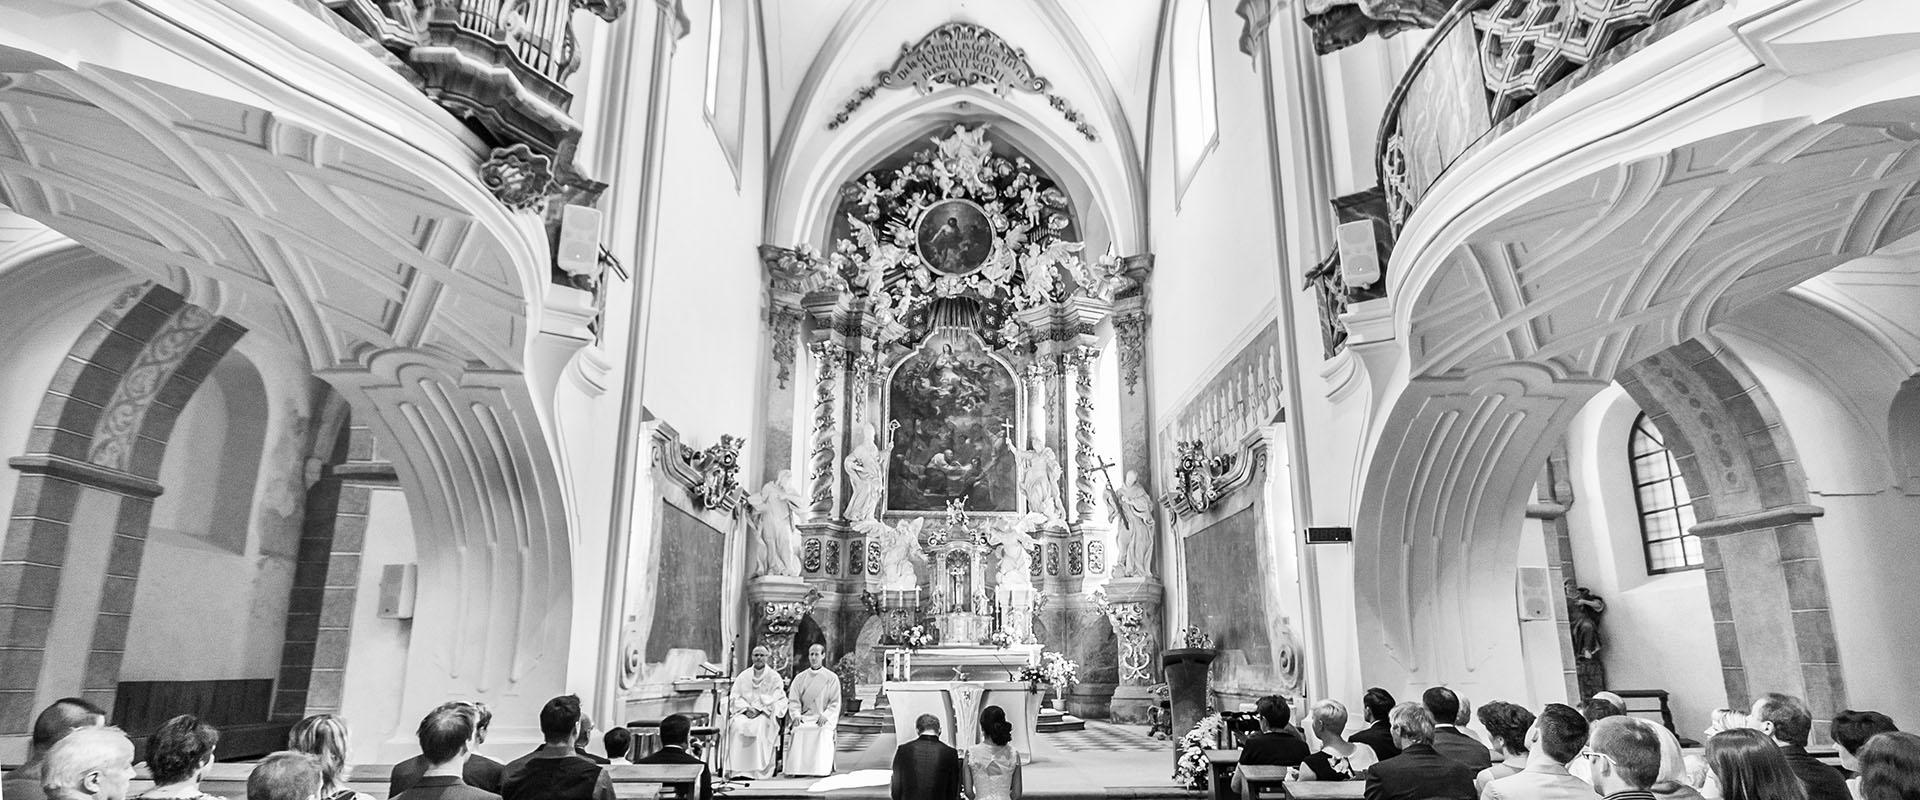 svatební fotografování / svatební fotograf Vojtěch Pavelčík / Bazilika Nanebevzetí Panny Marie a svatého Mikuláše ve Žďáře nad Sázavou